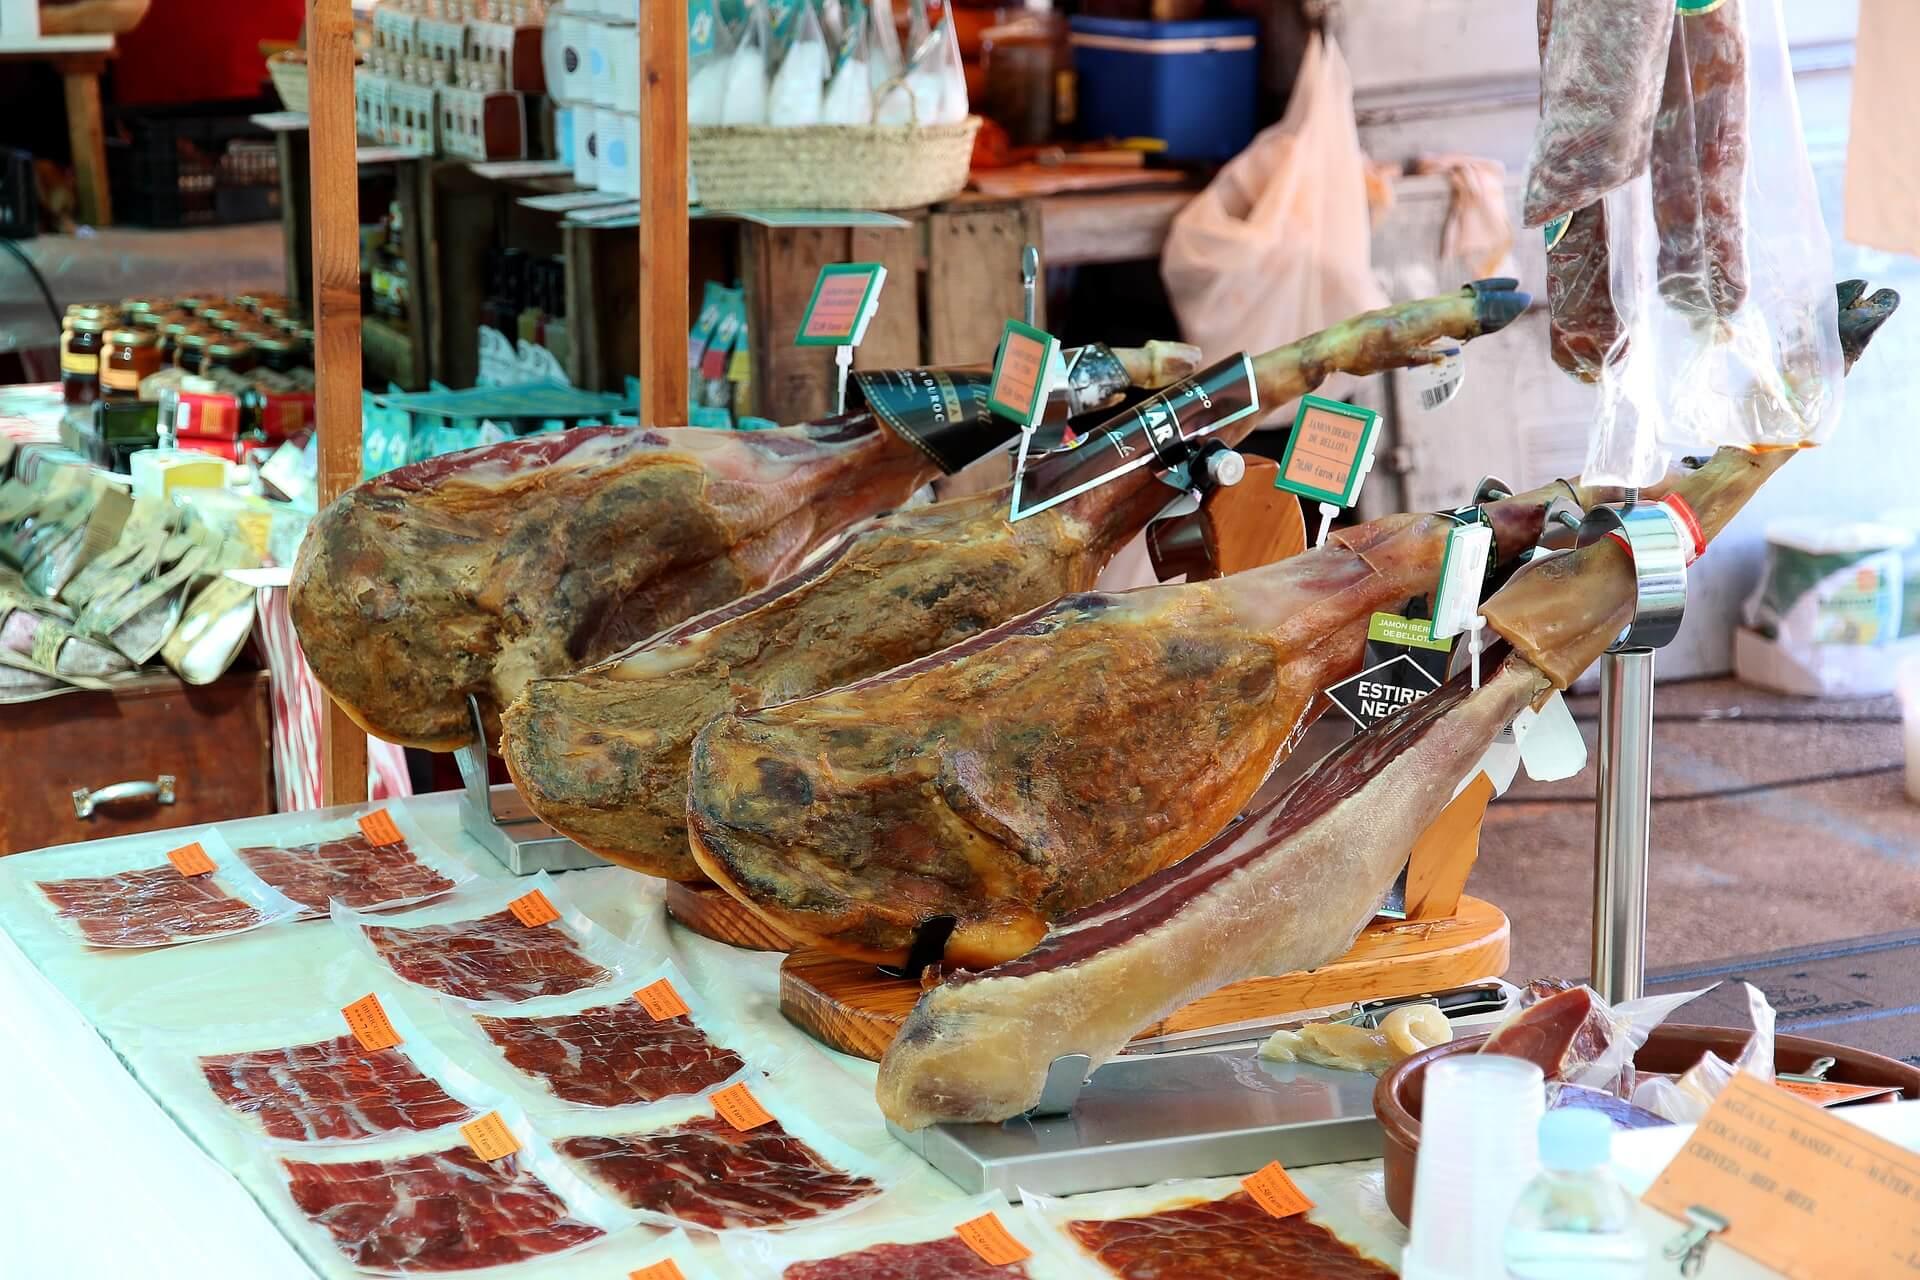 Продегустуємо знаменитий іспанський хамон Іберіко, чорісо, ломо - тут просто рай для м'ясоїдів.